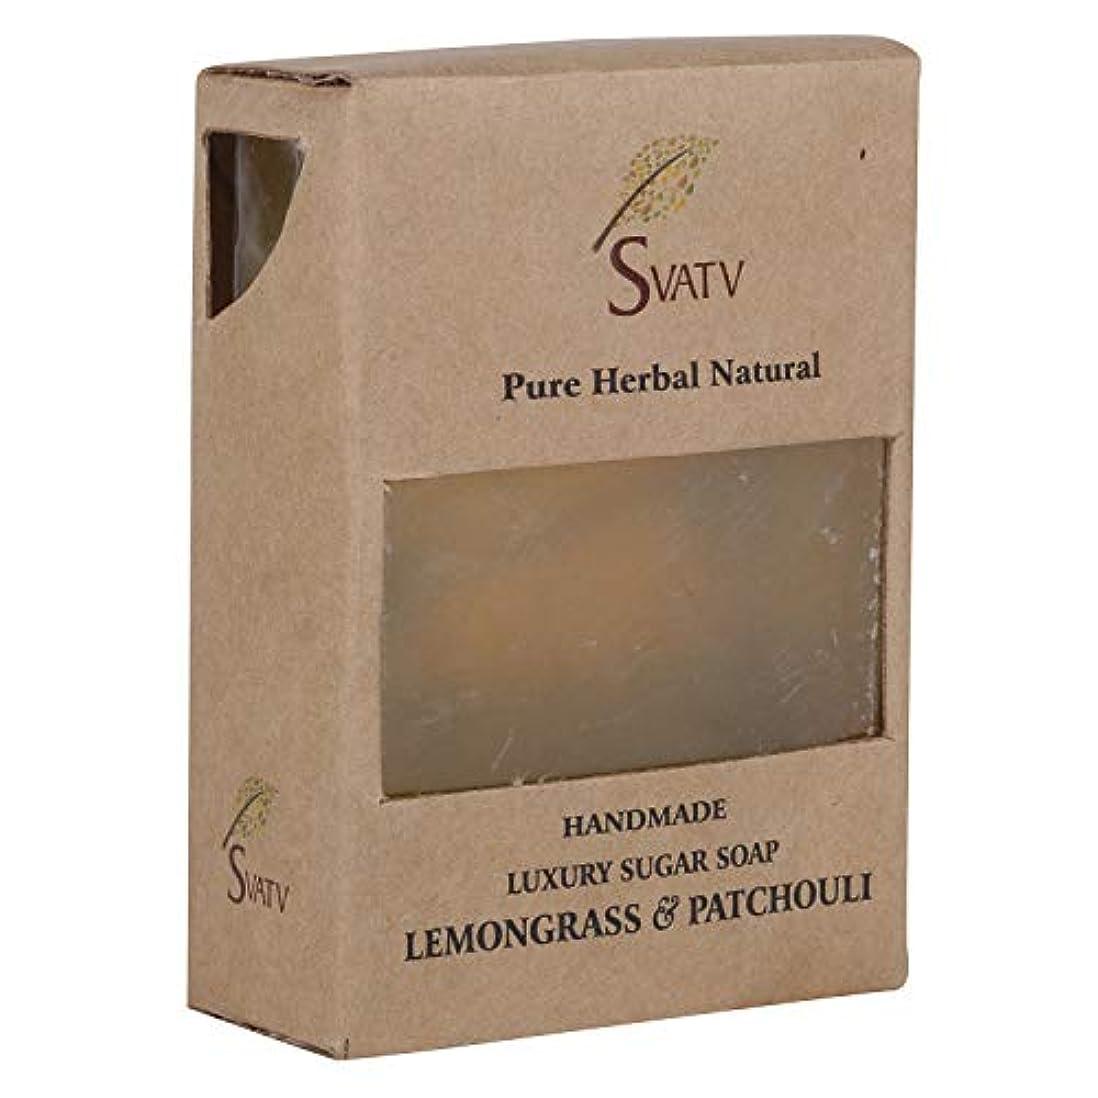 に応じて喉頭動力学SVATV Handmade Luxury Sugar Soap Lemongrass & Patchouli For All Skin types 100g Bar